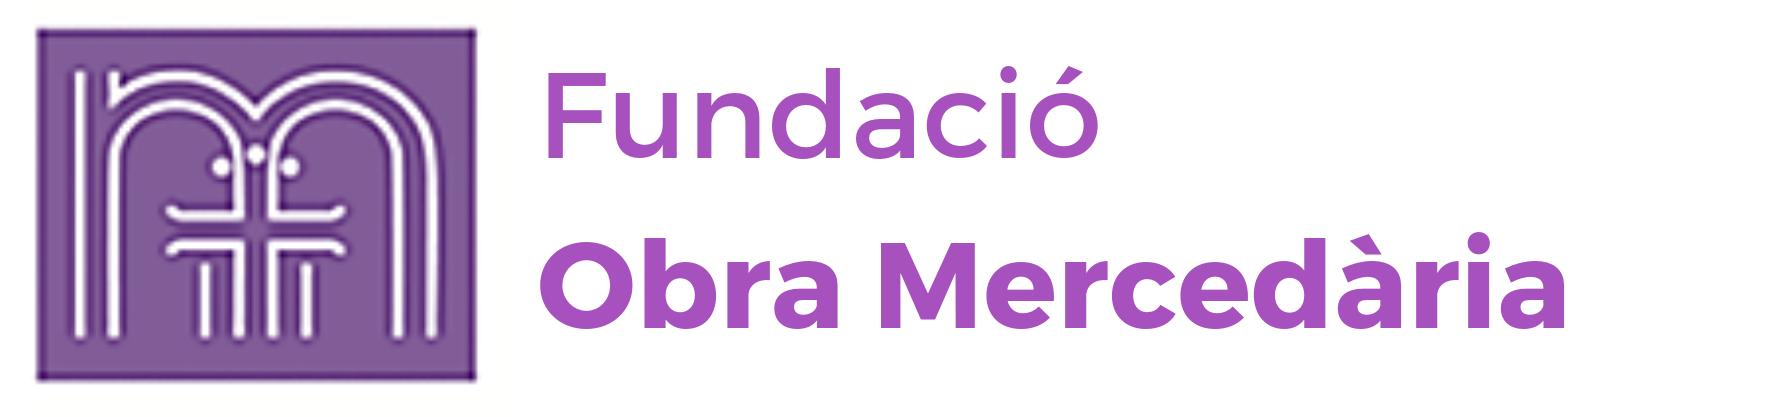 public://Banners/mercedaris.png